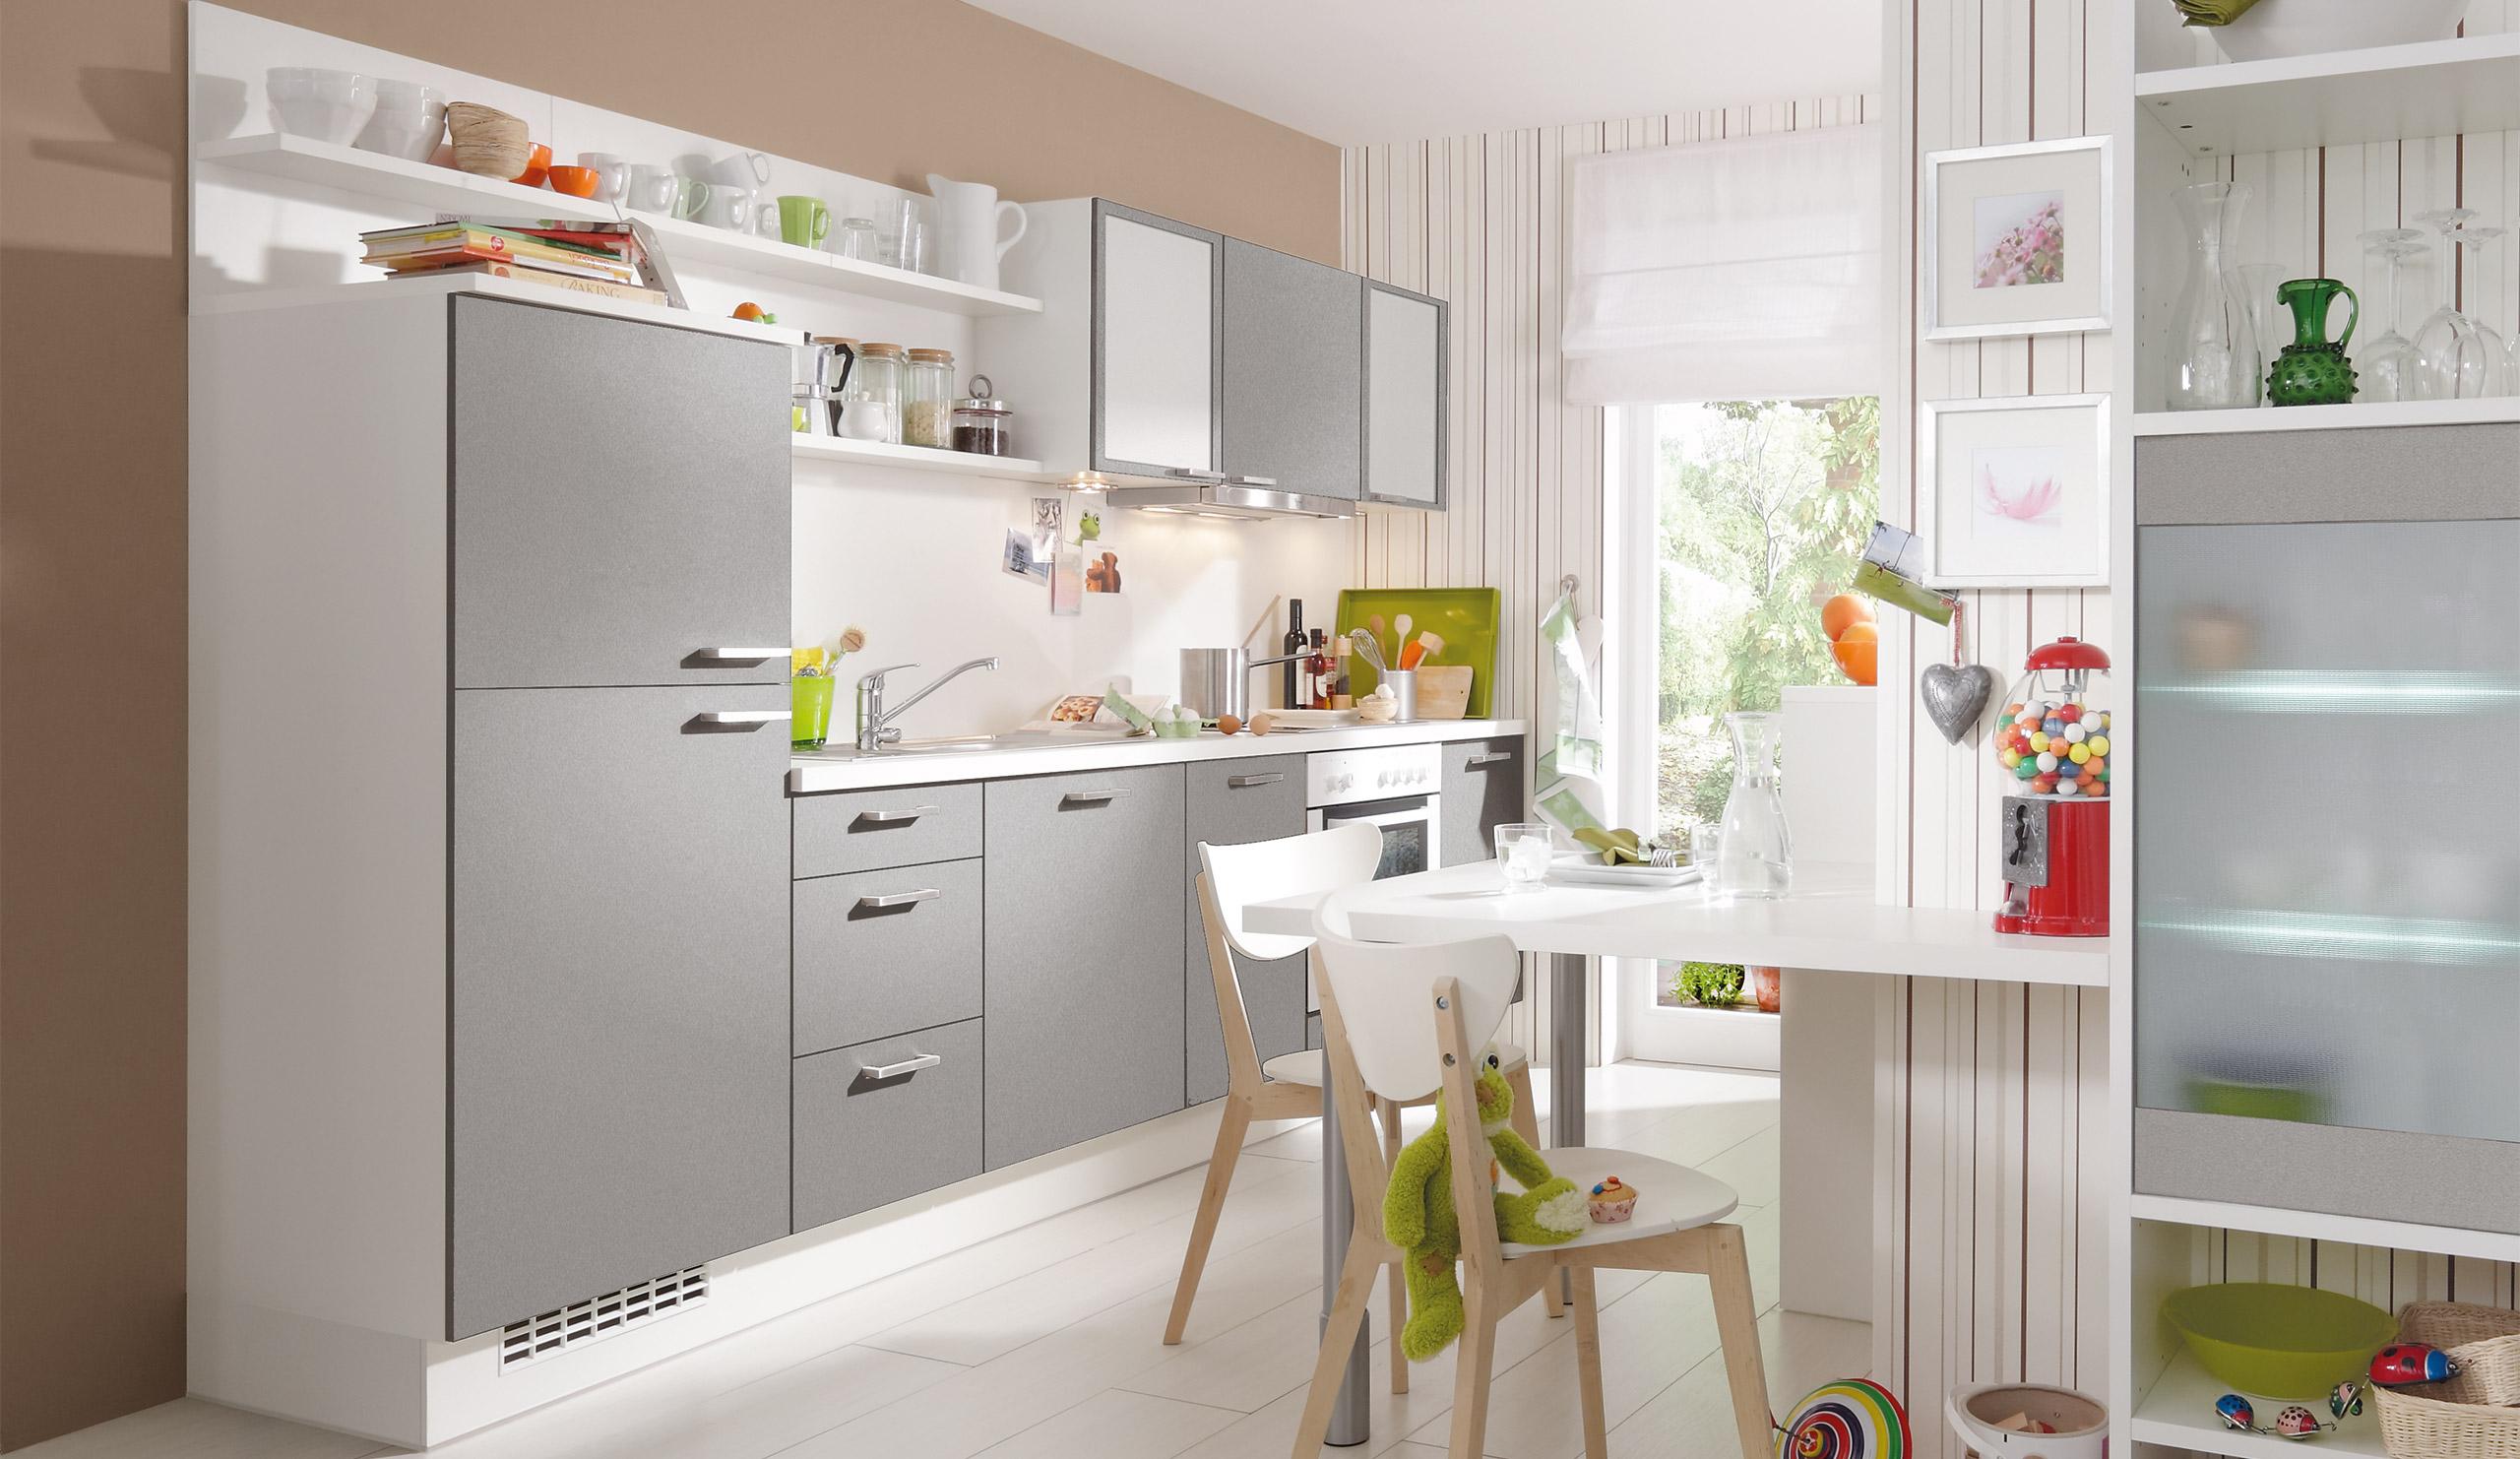 Stilvolle Www Küchen Quelle De Bild – Erindzain